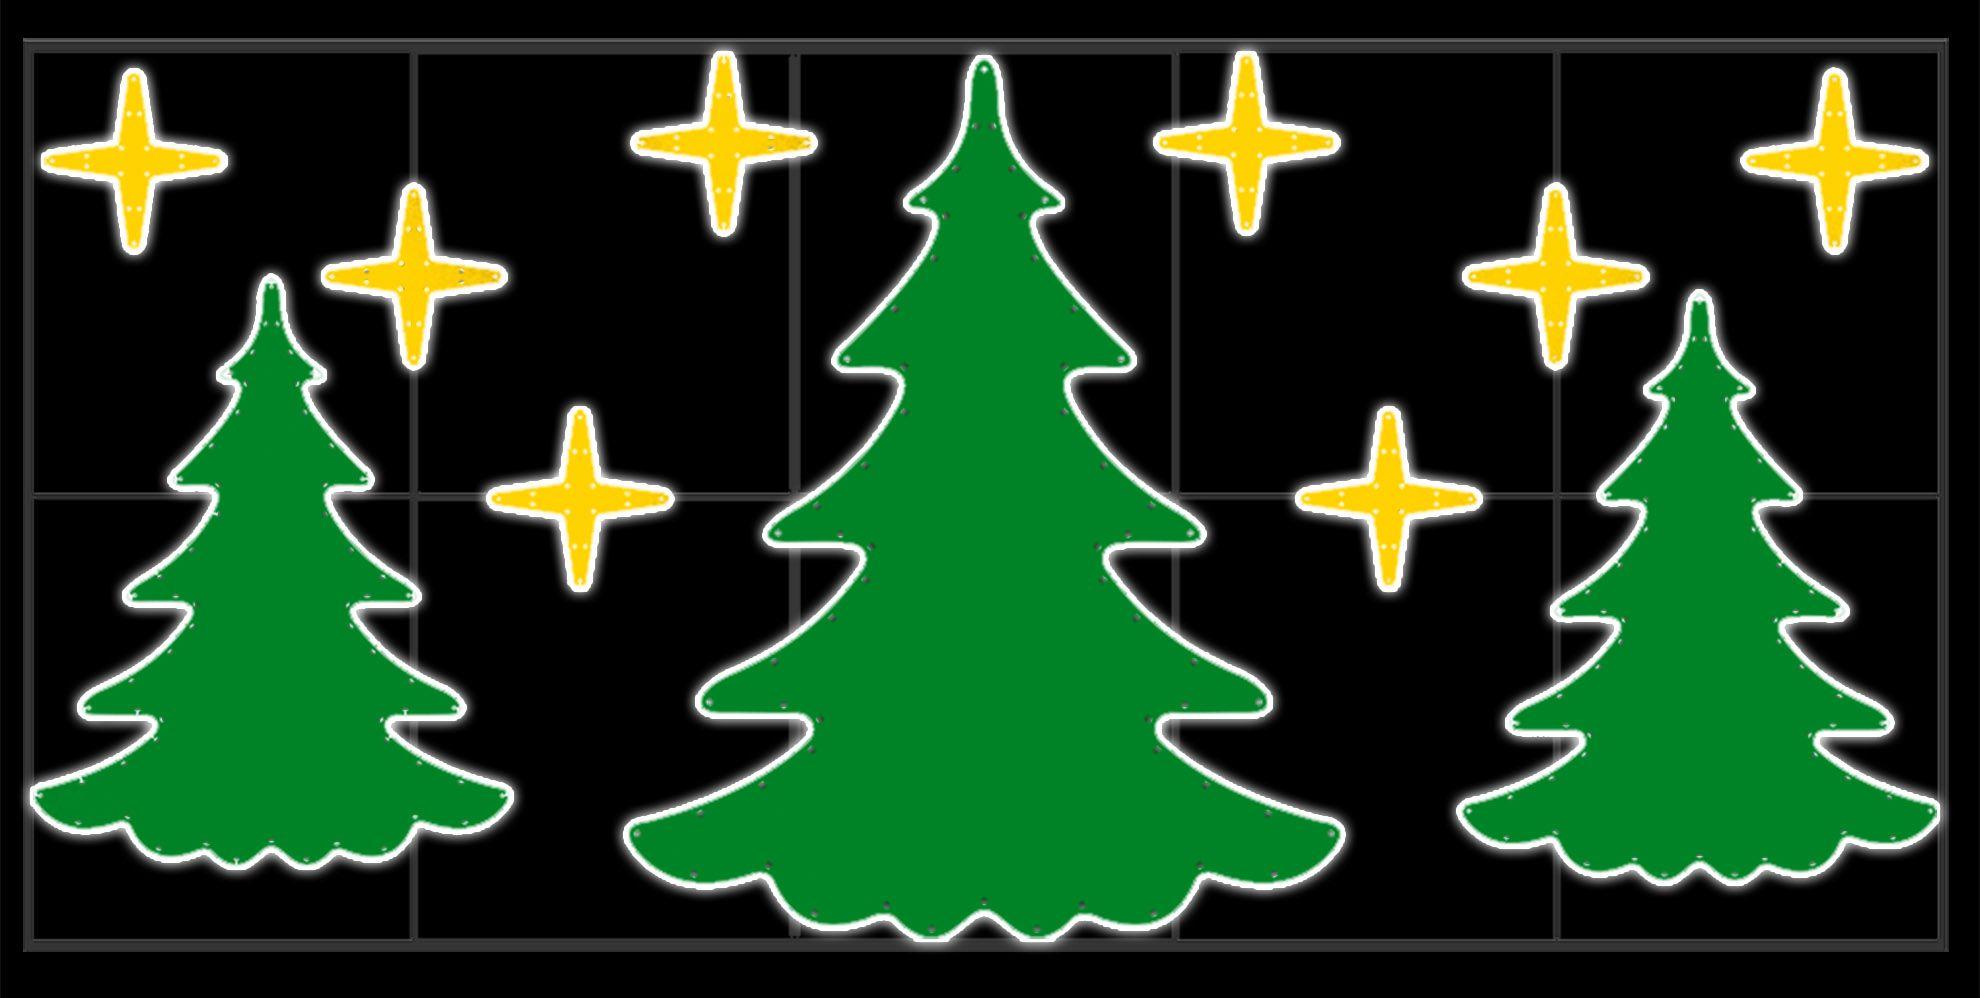 PO-017 - Painel Iluminado Led Iluminado Led - 3 Pinheiros e Estrelas - (Veja Opções Tamanhos)